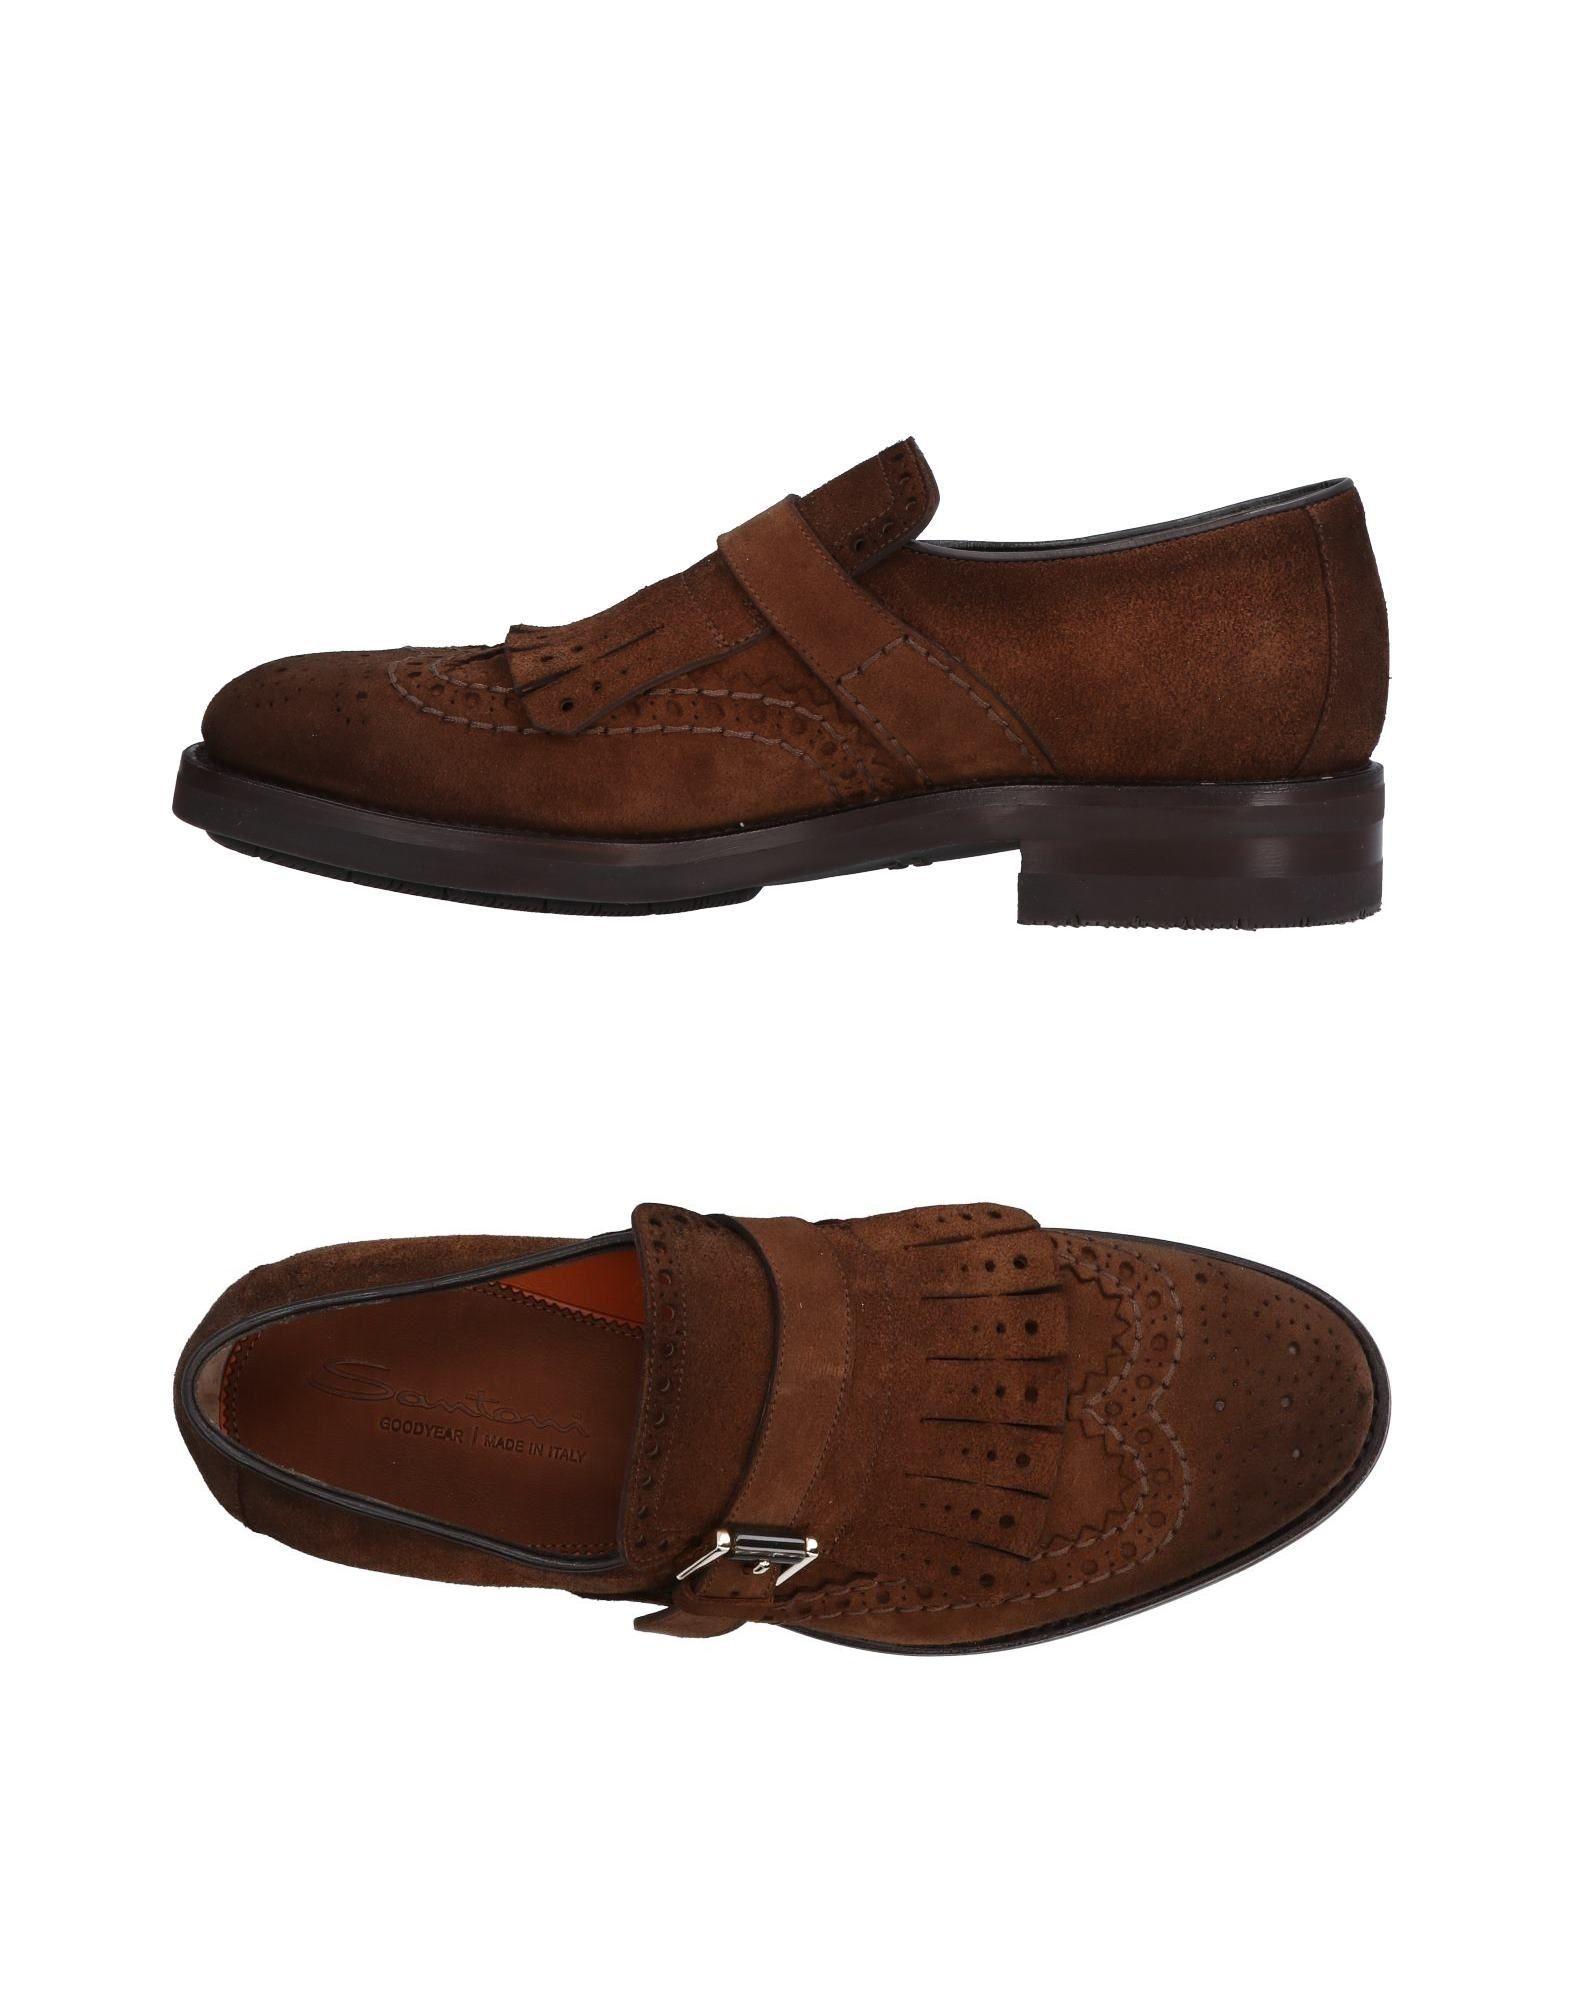 Santoni Mokassins Herren  11478578SL Gute Qualität beliebte Schuhe